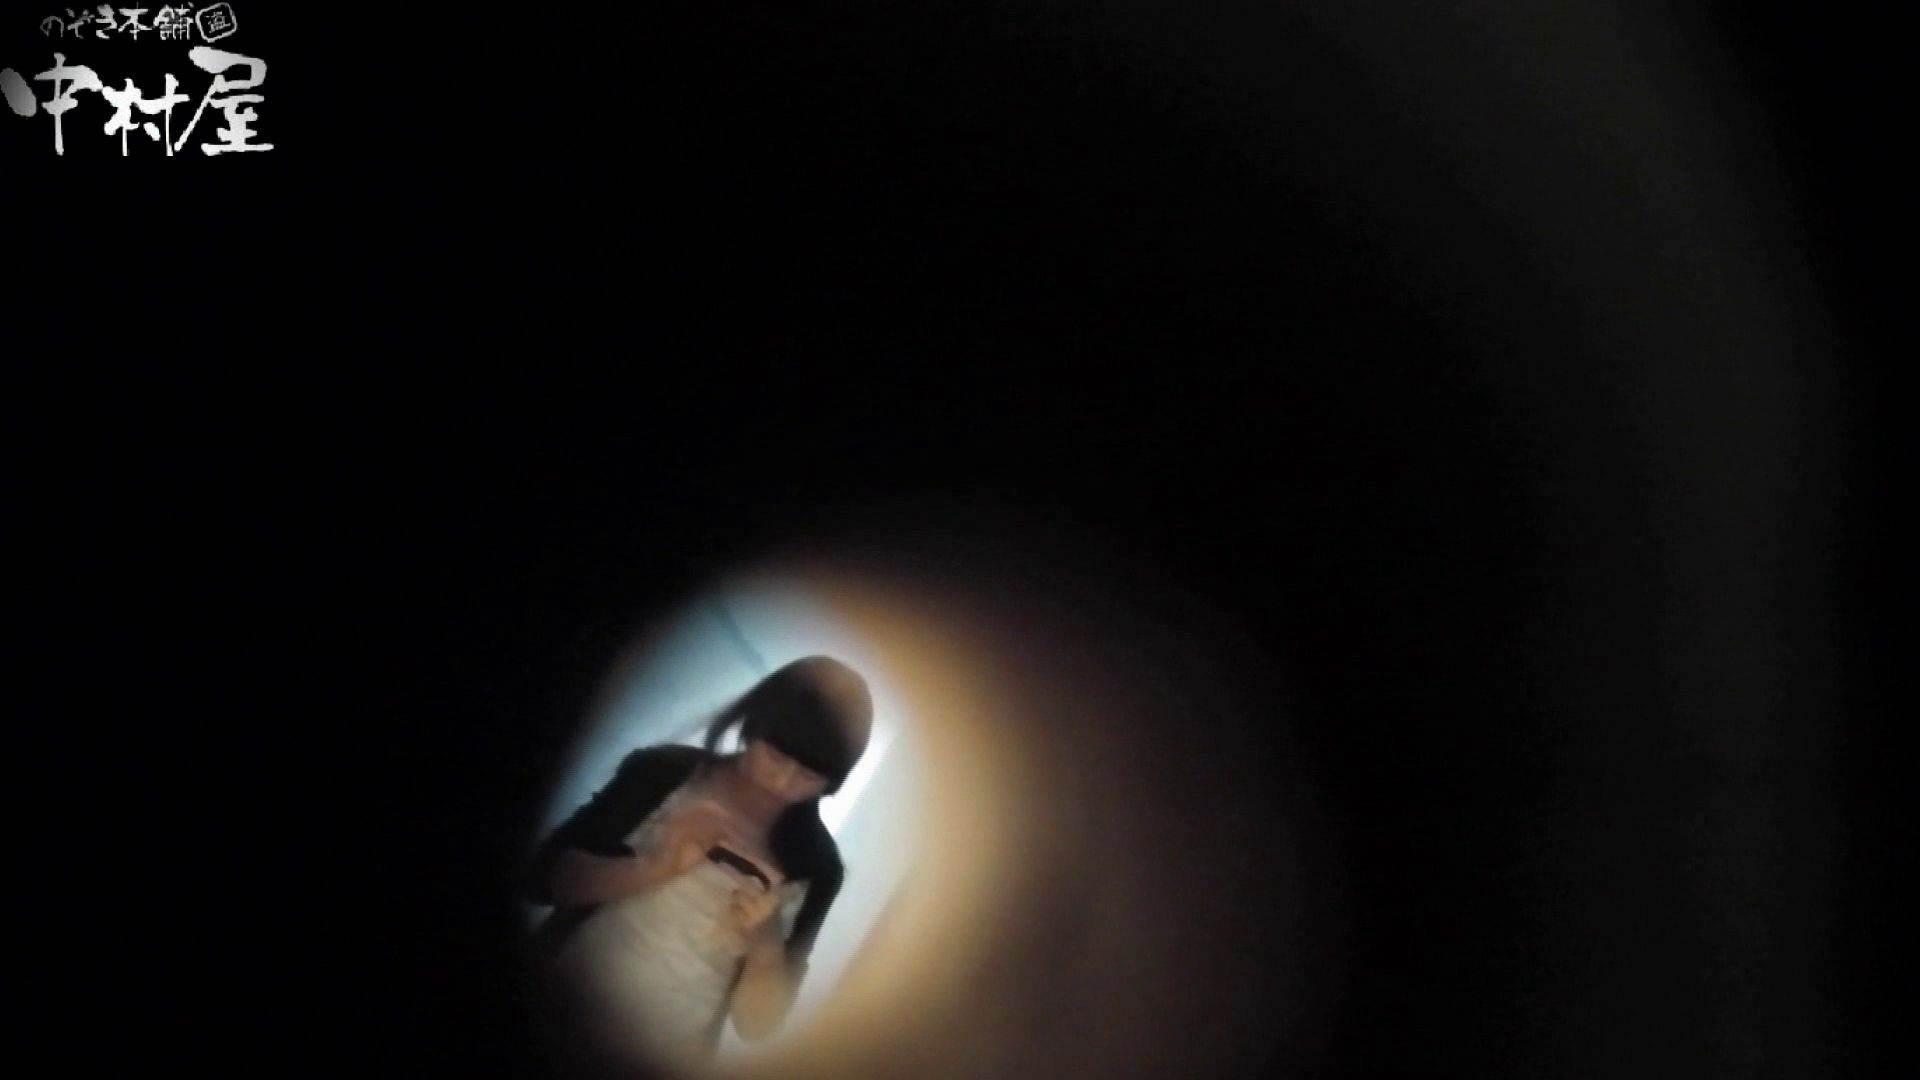 世界の射窓から~ステーション編~vol40 更に画質アップ!! OLエロ画像  57PICs 44